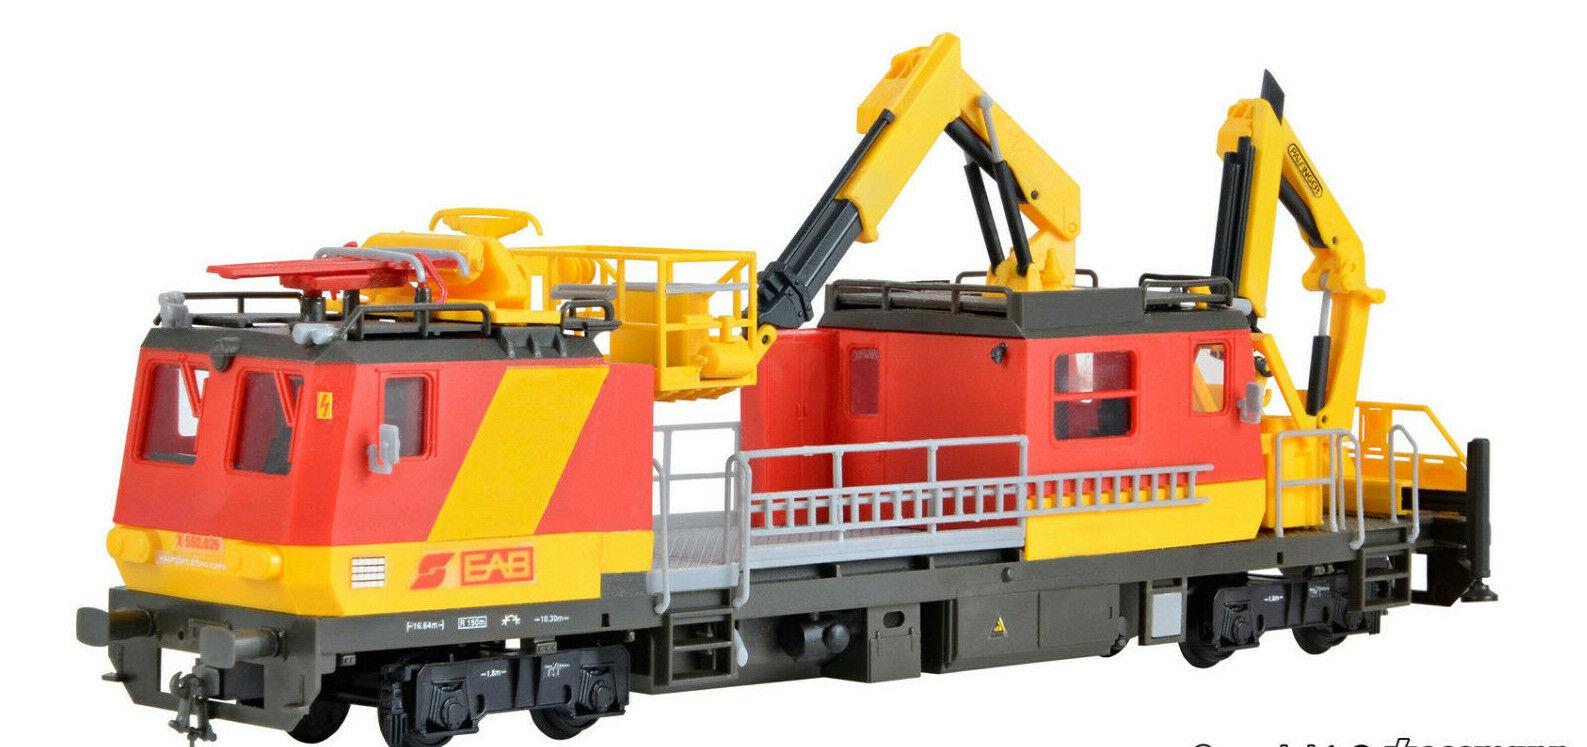 Kibri 16080 motor torre Cochero MTW 100.083 1, Kit, h0